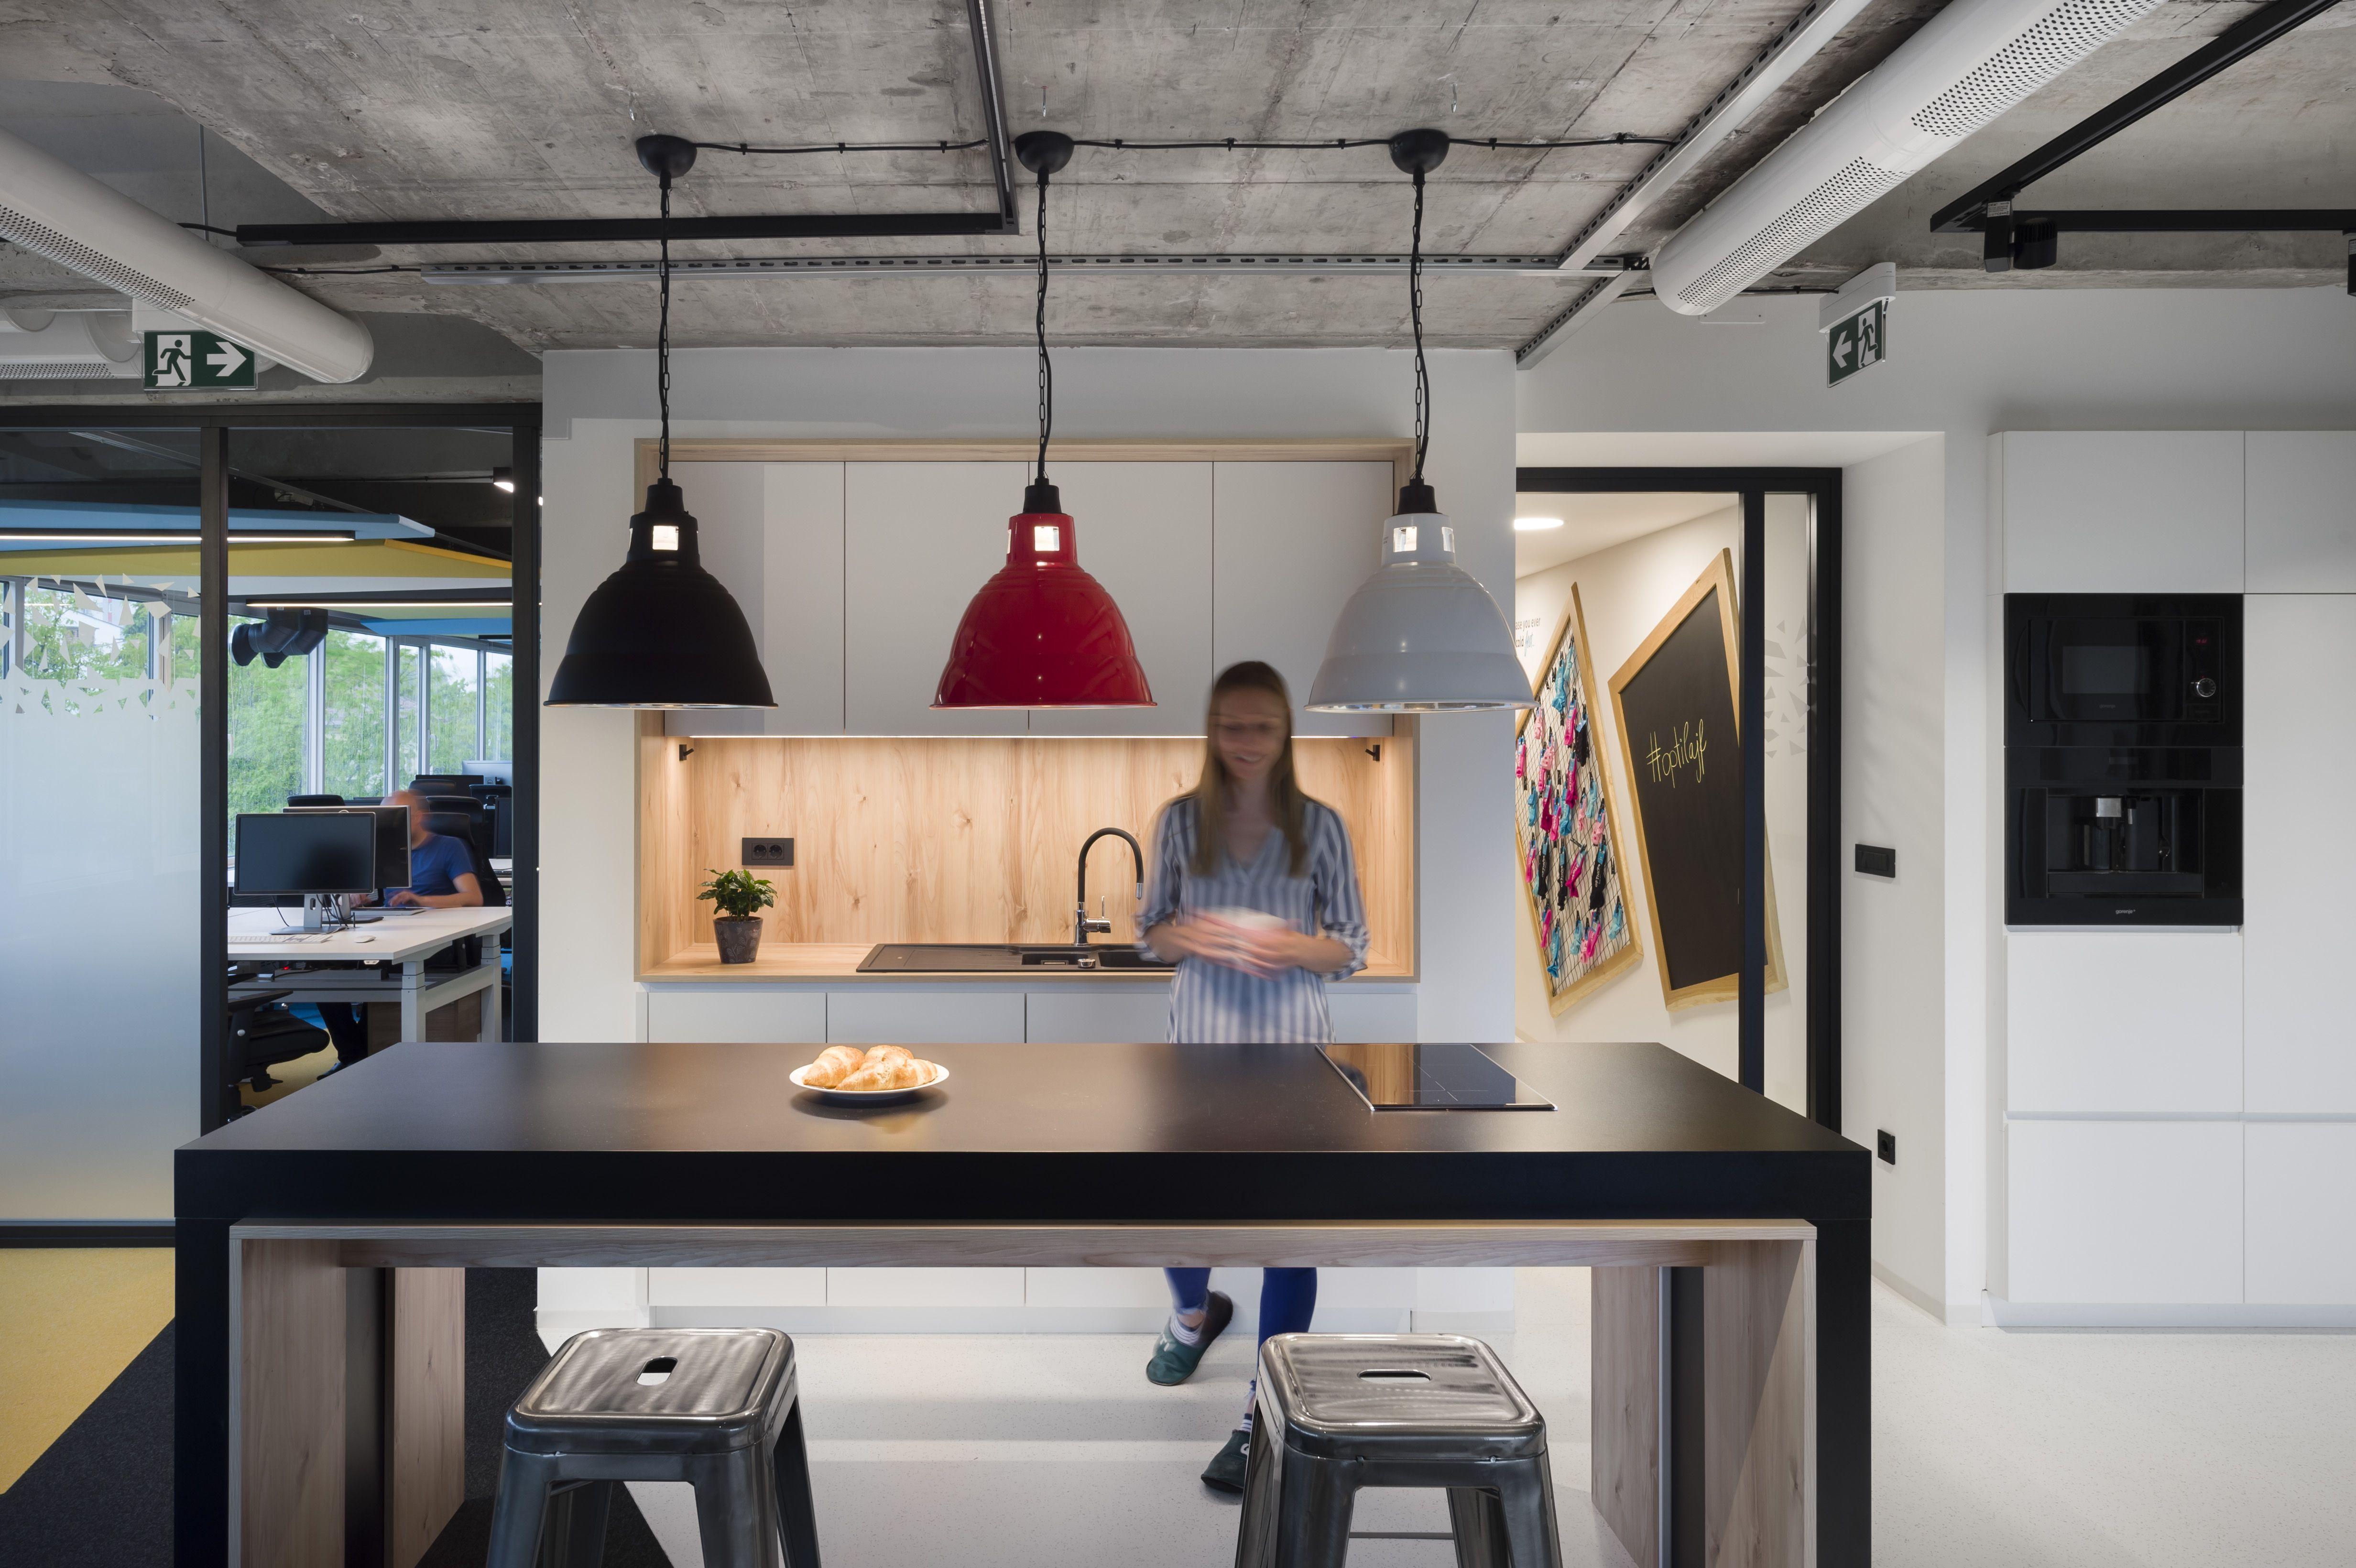 Kuhinja v prostorih podjetja Optiweb